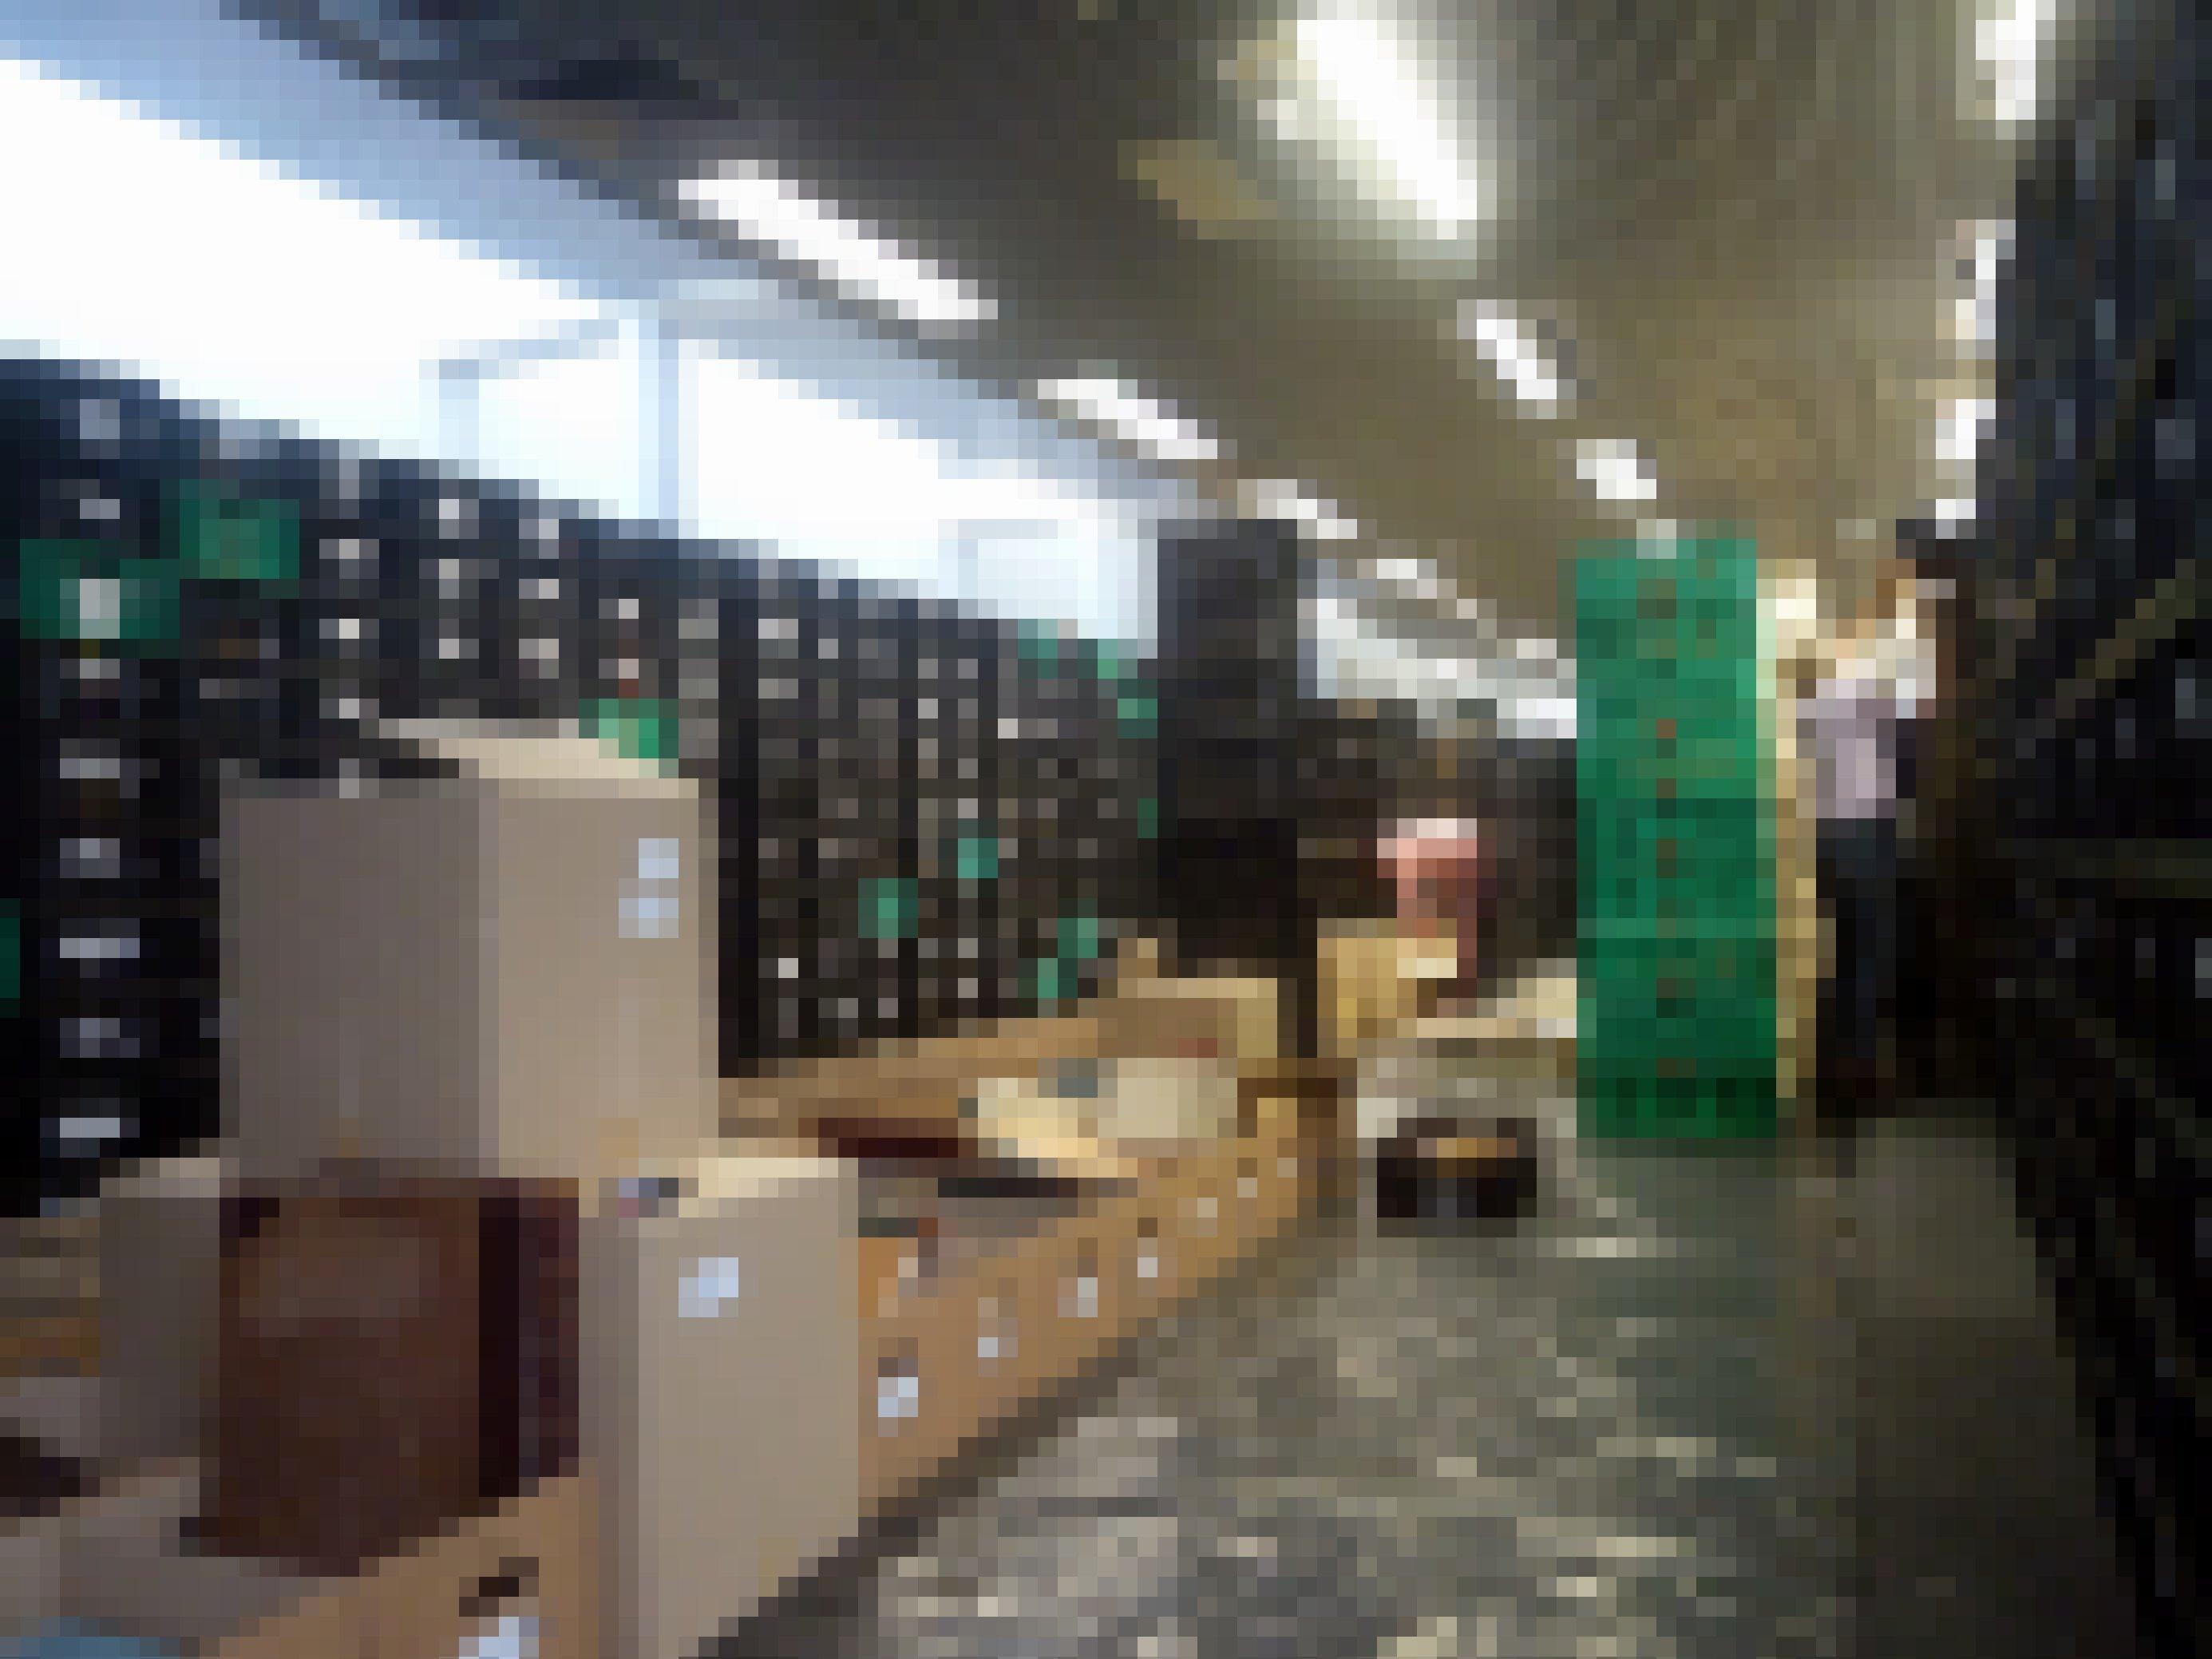 In dem Raum arbeiten zwei Frauen vor langen Reihen von gestapelten Kisten mit geborgenen Archivmaterialien